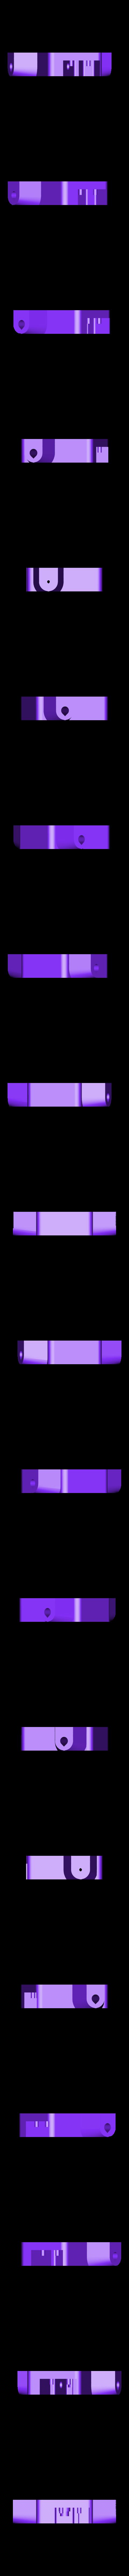 Part Studio 2 - Part 1.stl Télécharger fichier STL gratuit Capteur de faux-rond du filament (roulement à billes) • Design pour impression 3D, KrisCubed